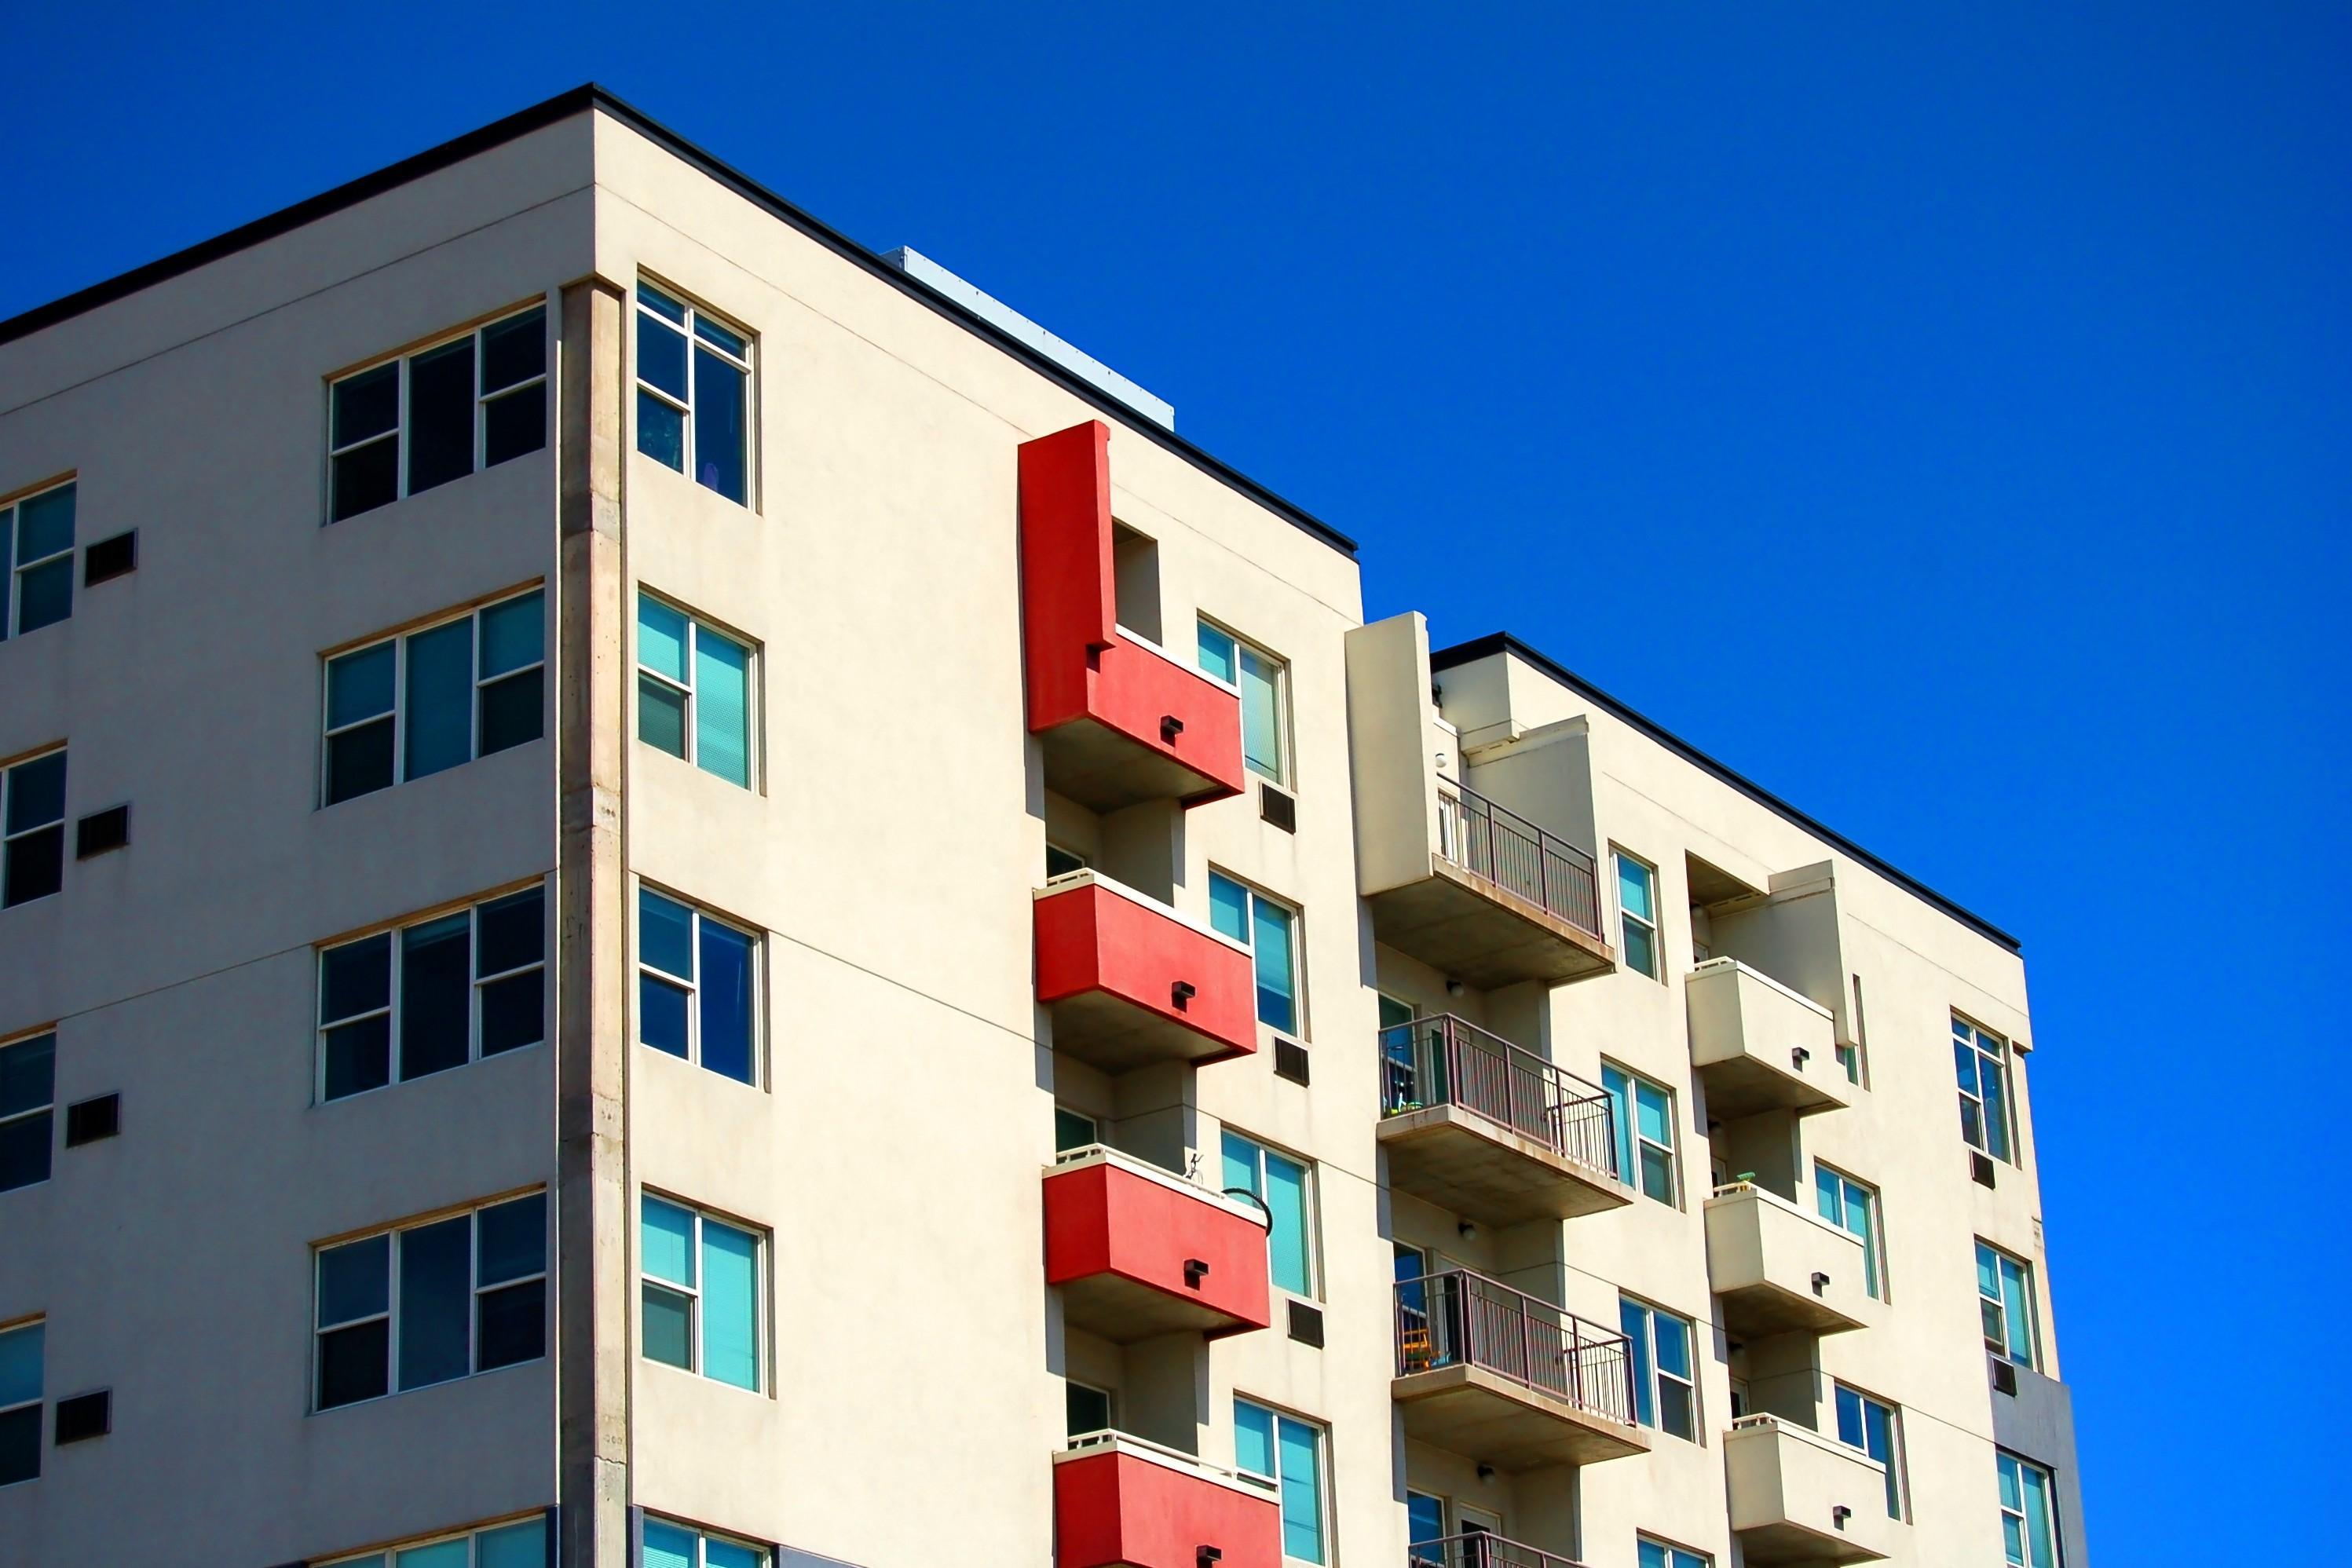 Rumori: il condomino ha diritto di sapere quanto è rumoroso il climatizzatore del vicino